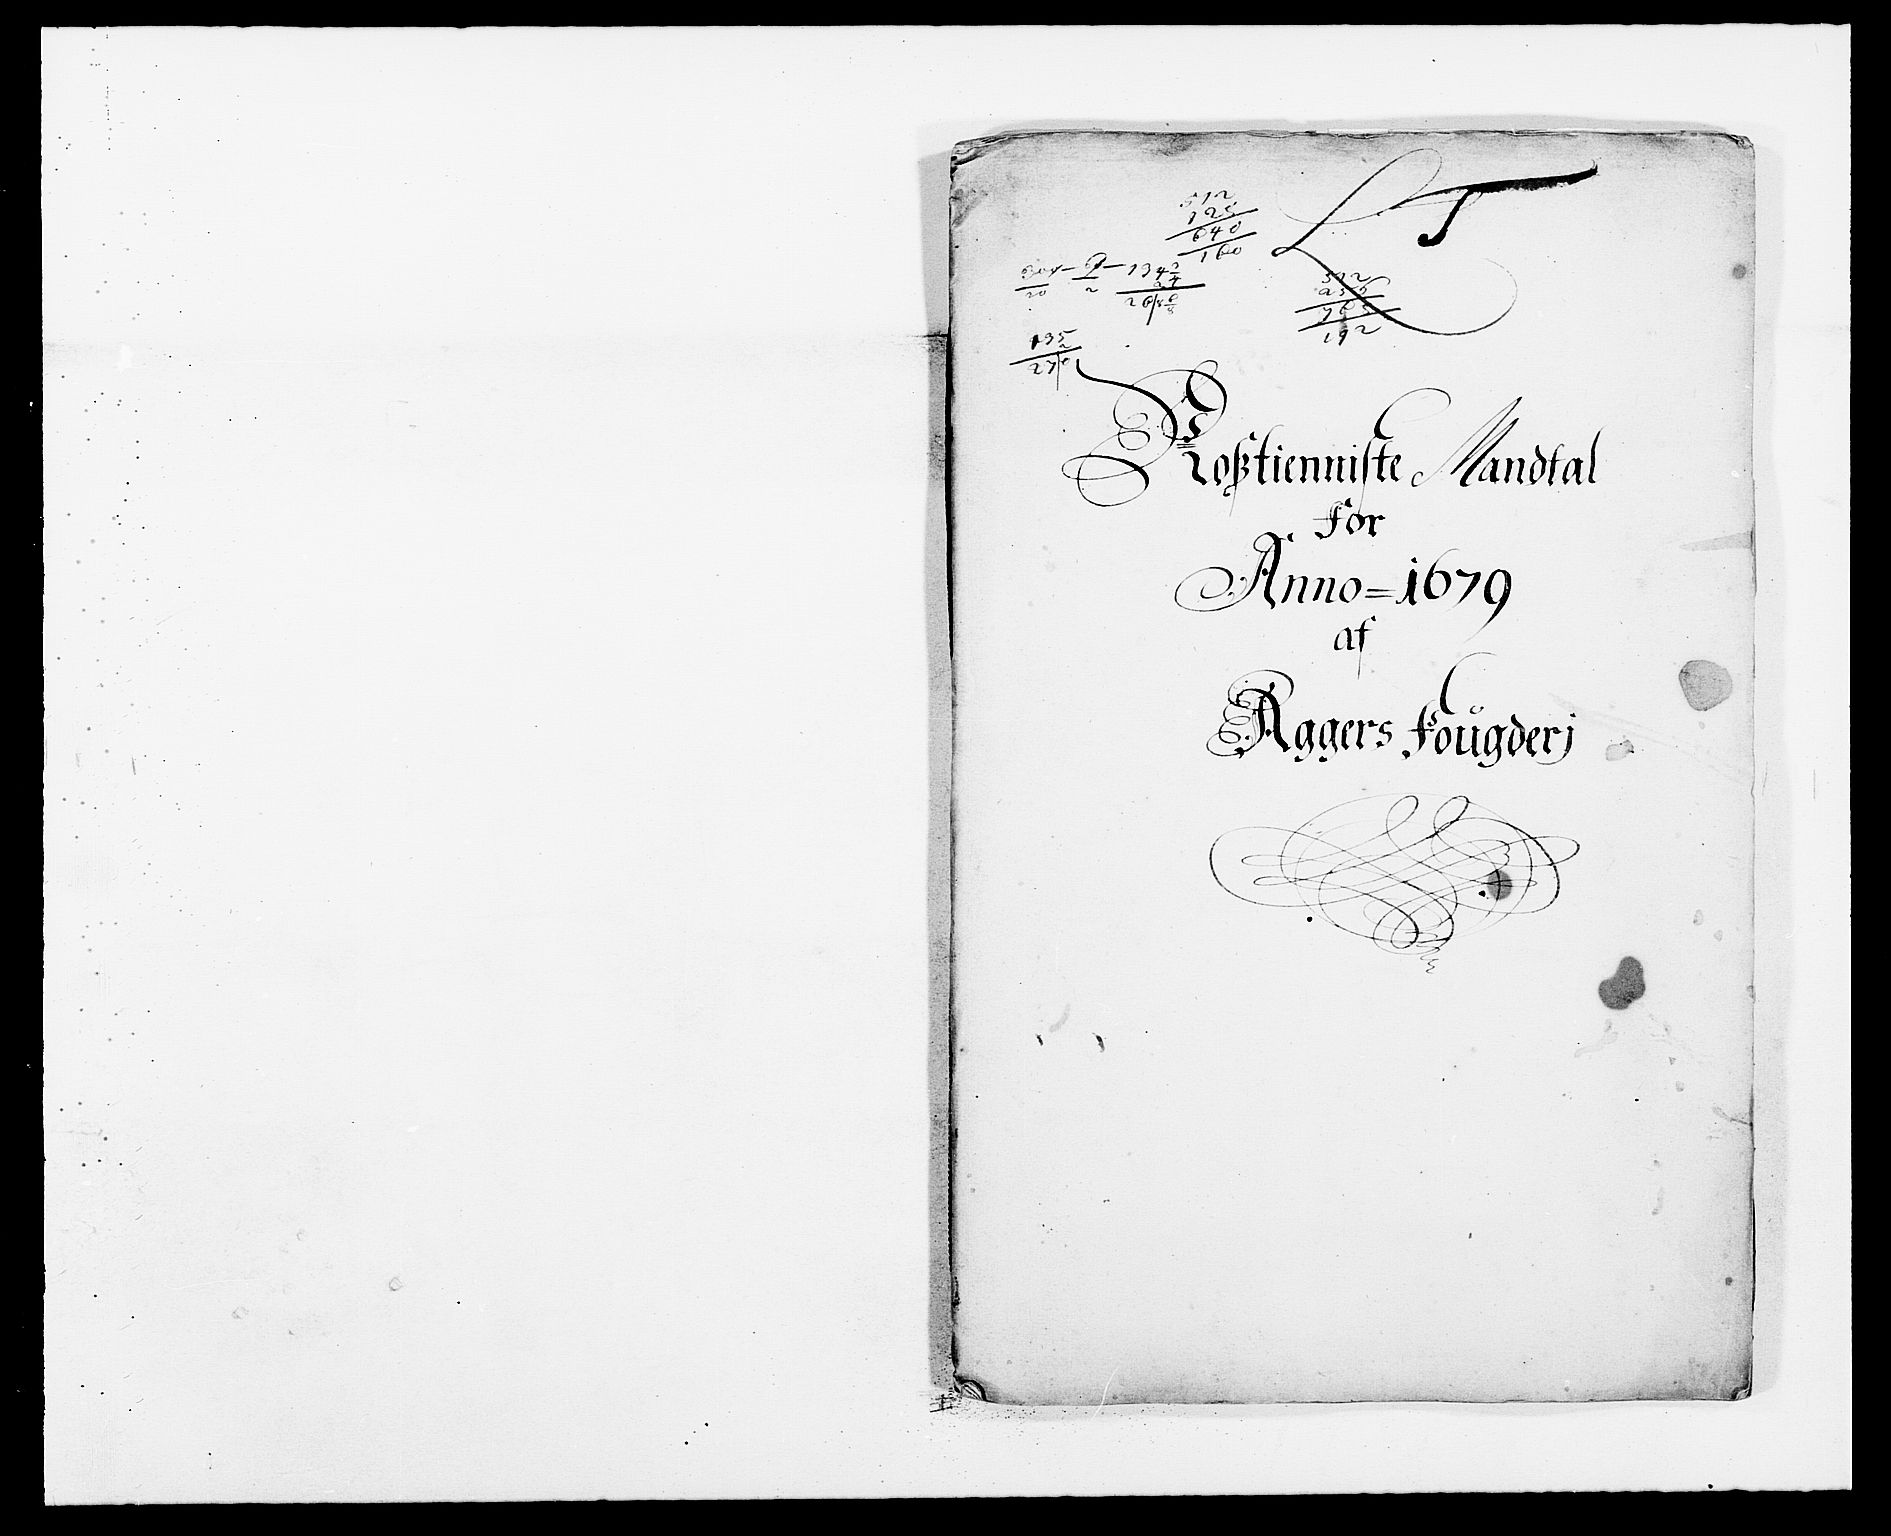 RA, Rentekammeret inntil 1814, Reviderte regnskaper, Fogderegnskap, R08/L0416: Fogderegnskap Aker, 1678-1681, s. 477